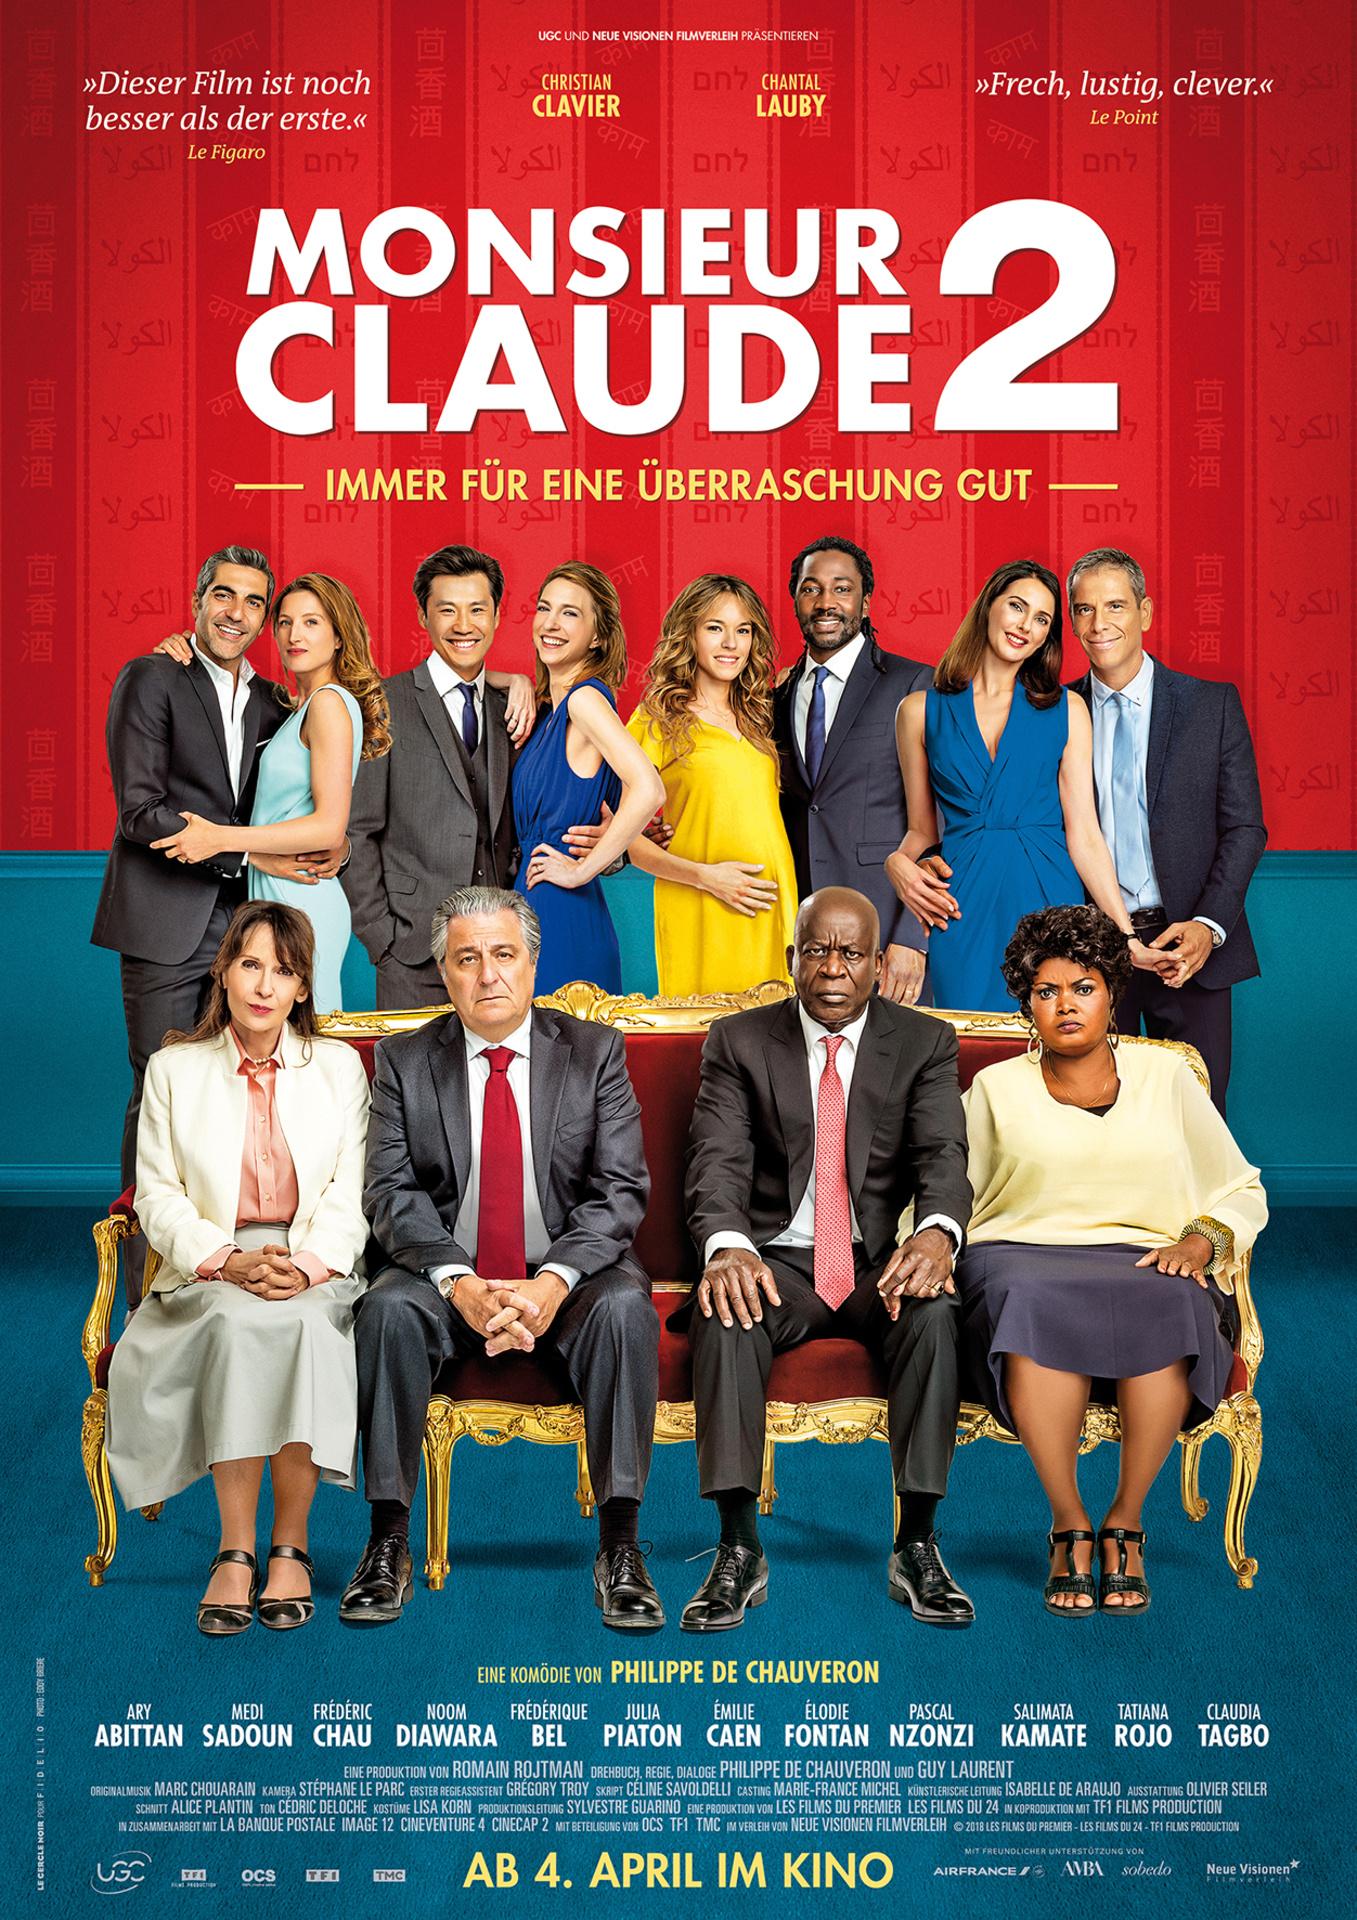 claude2